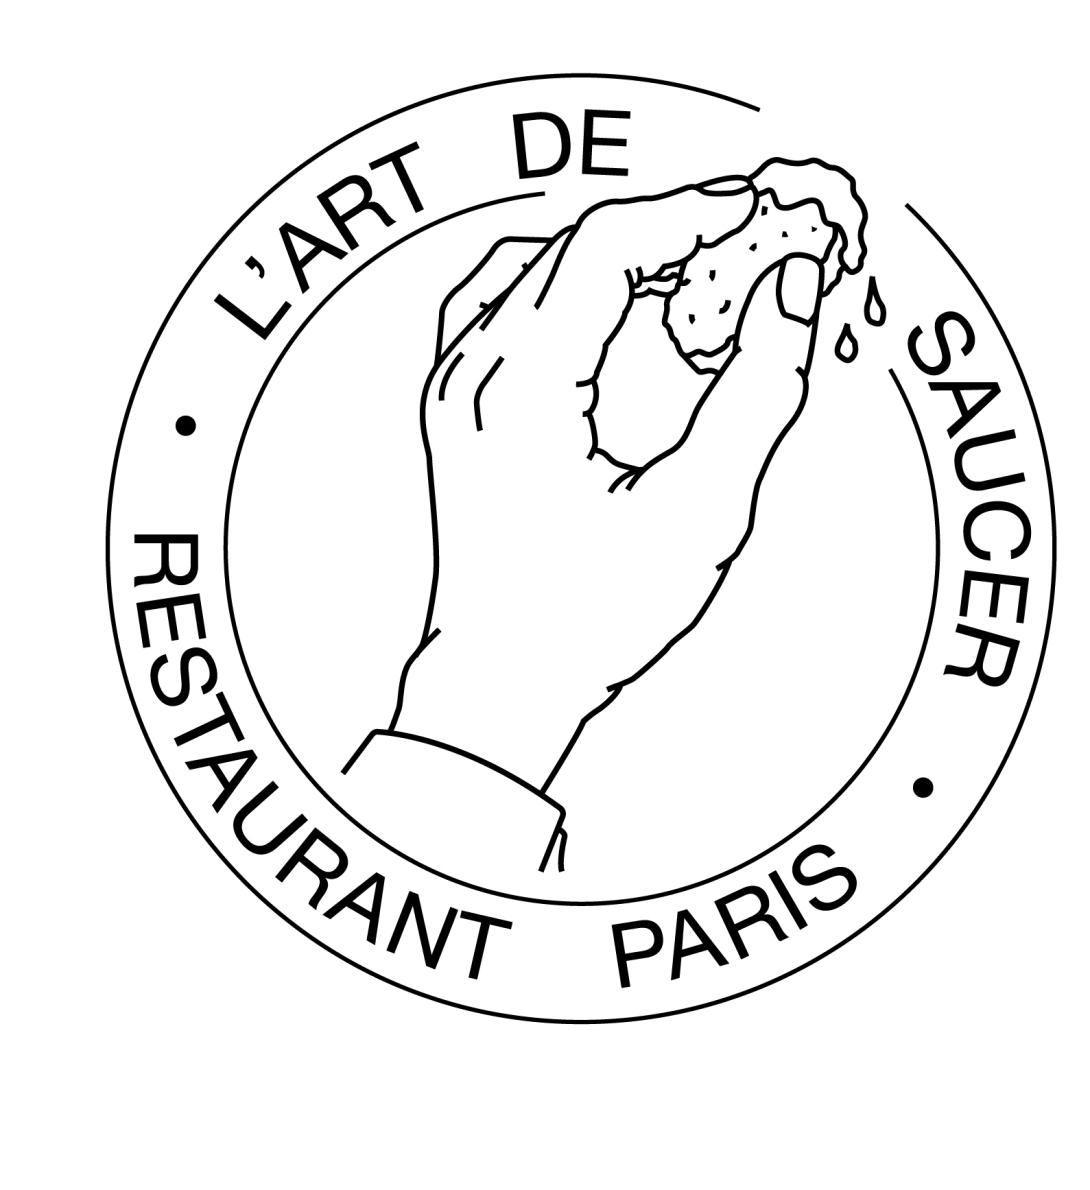 L'art de saucer logo